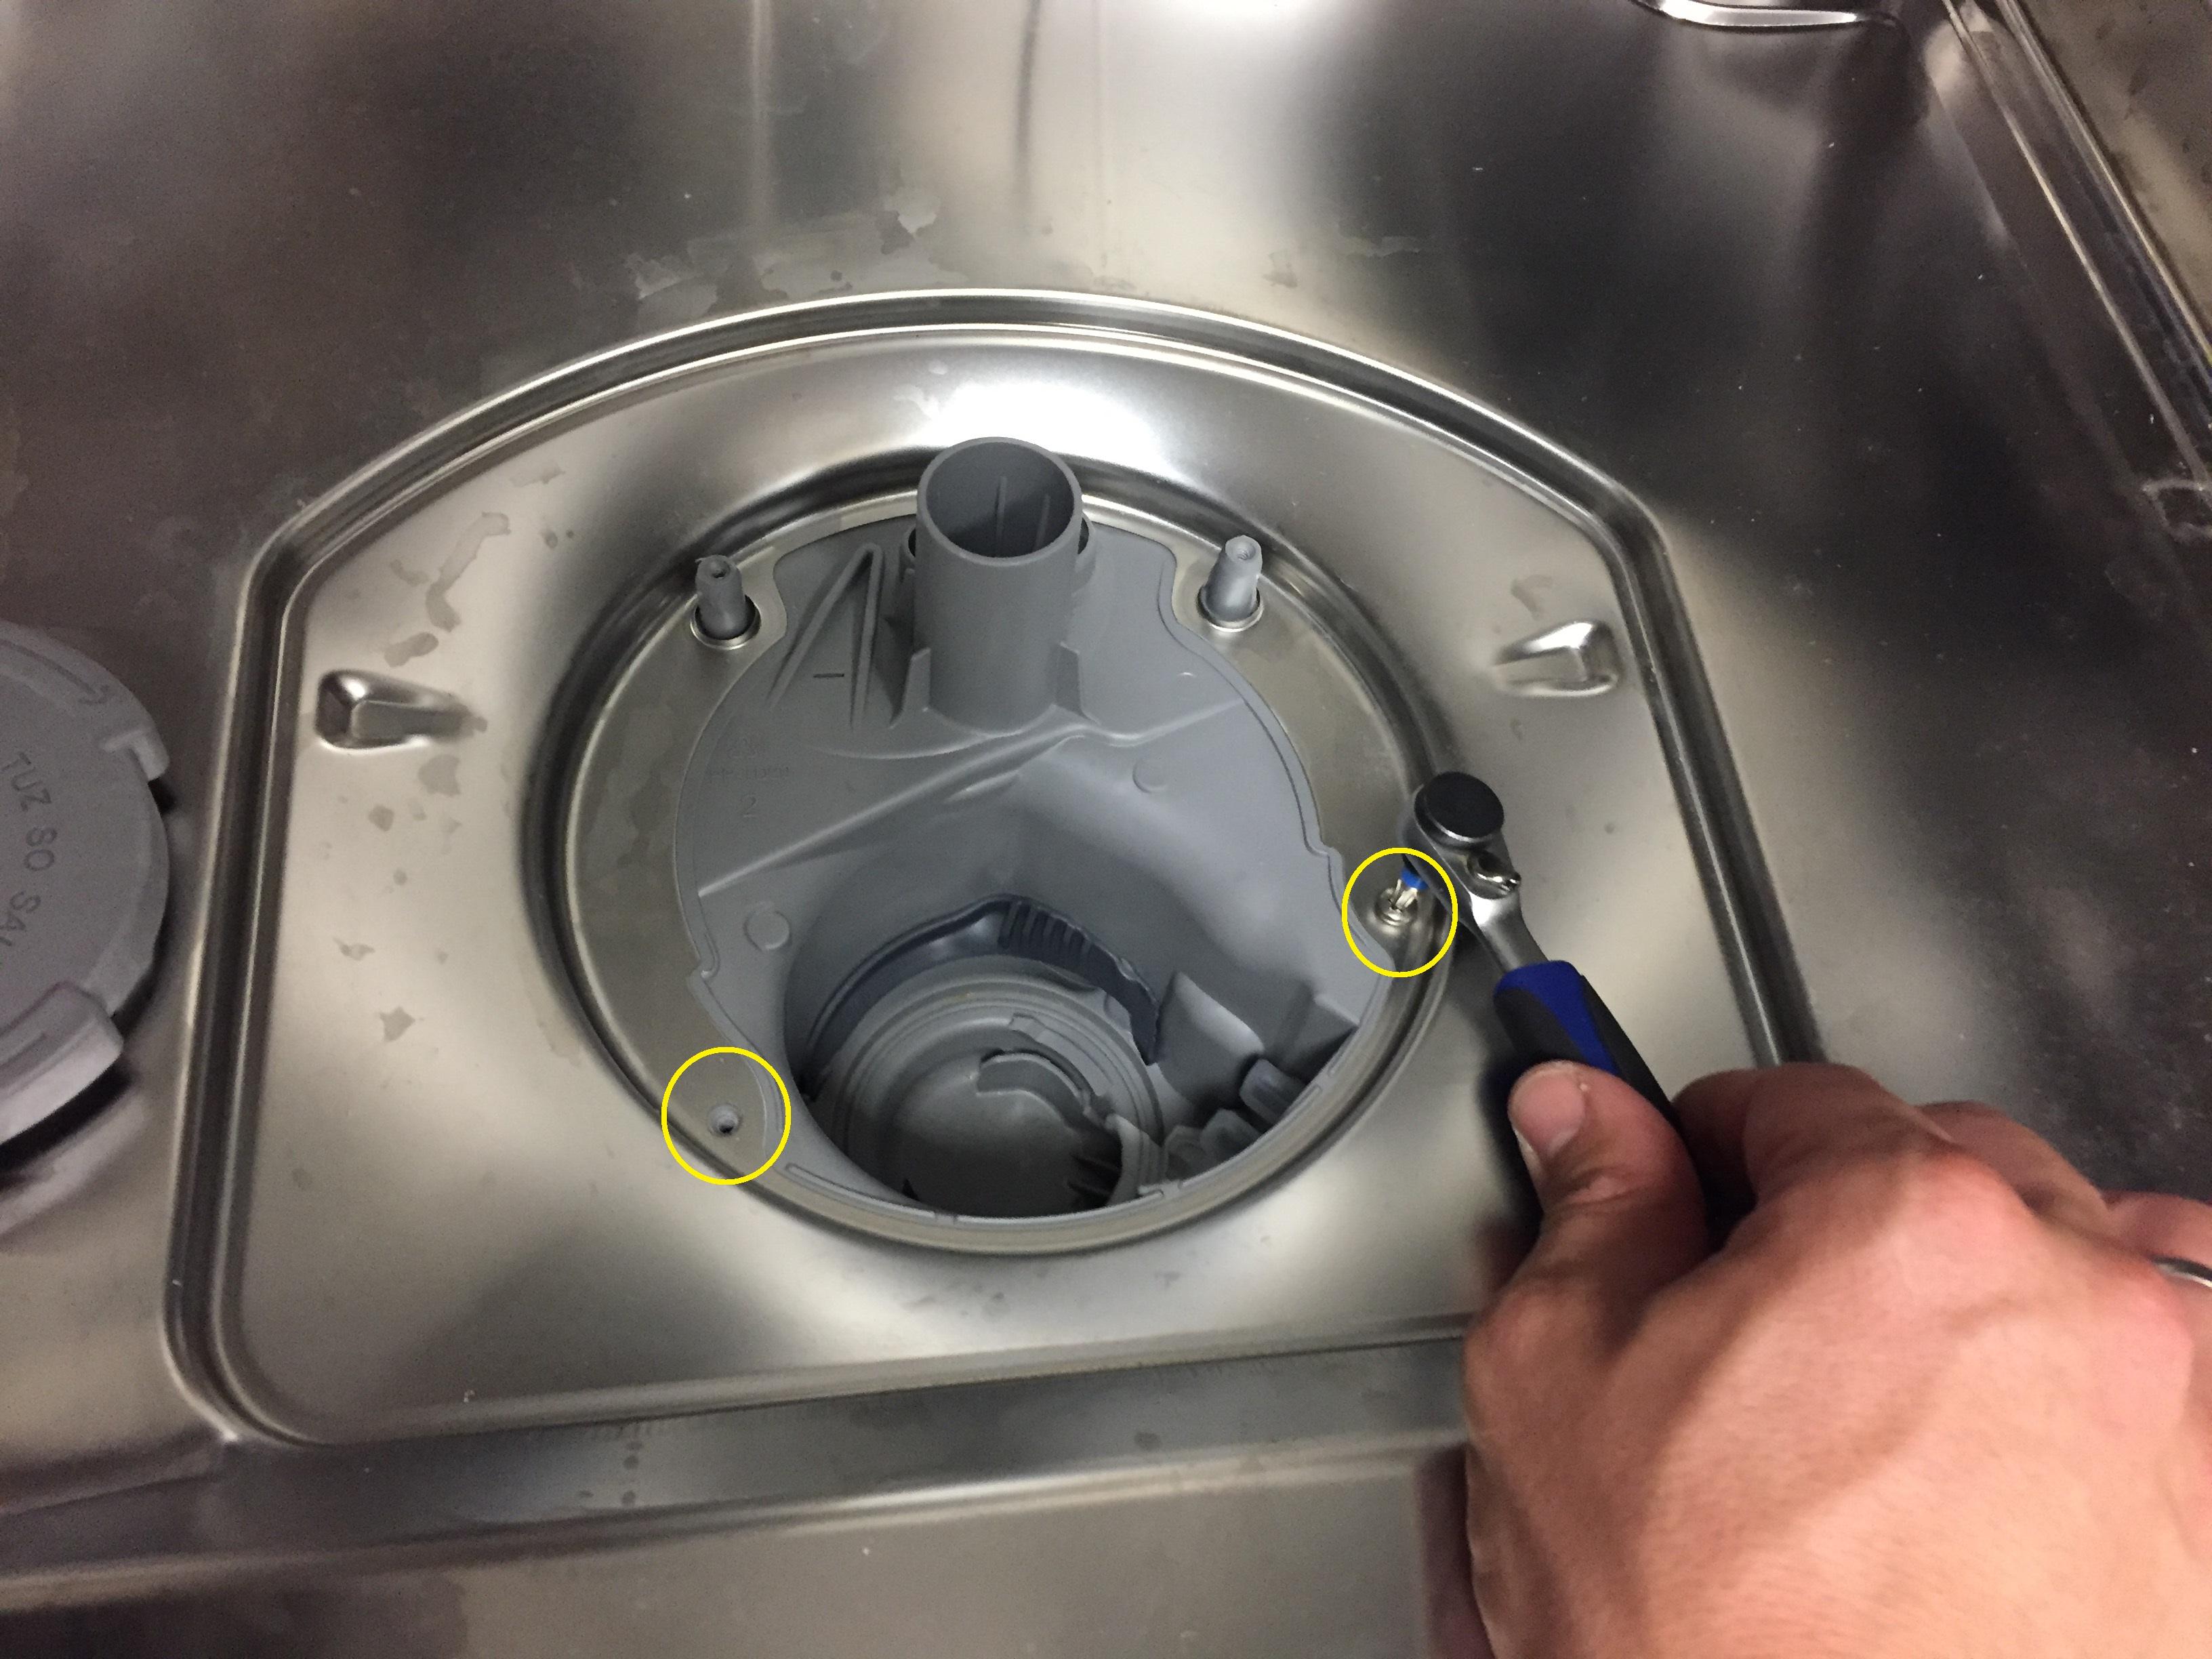 Schrauben am Pumpensumpf lösen